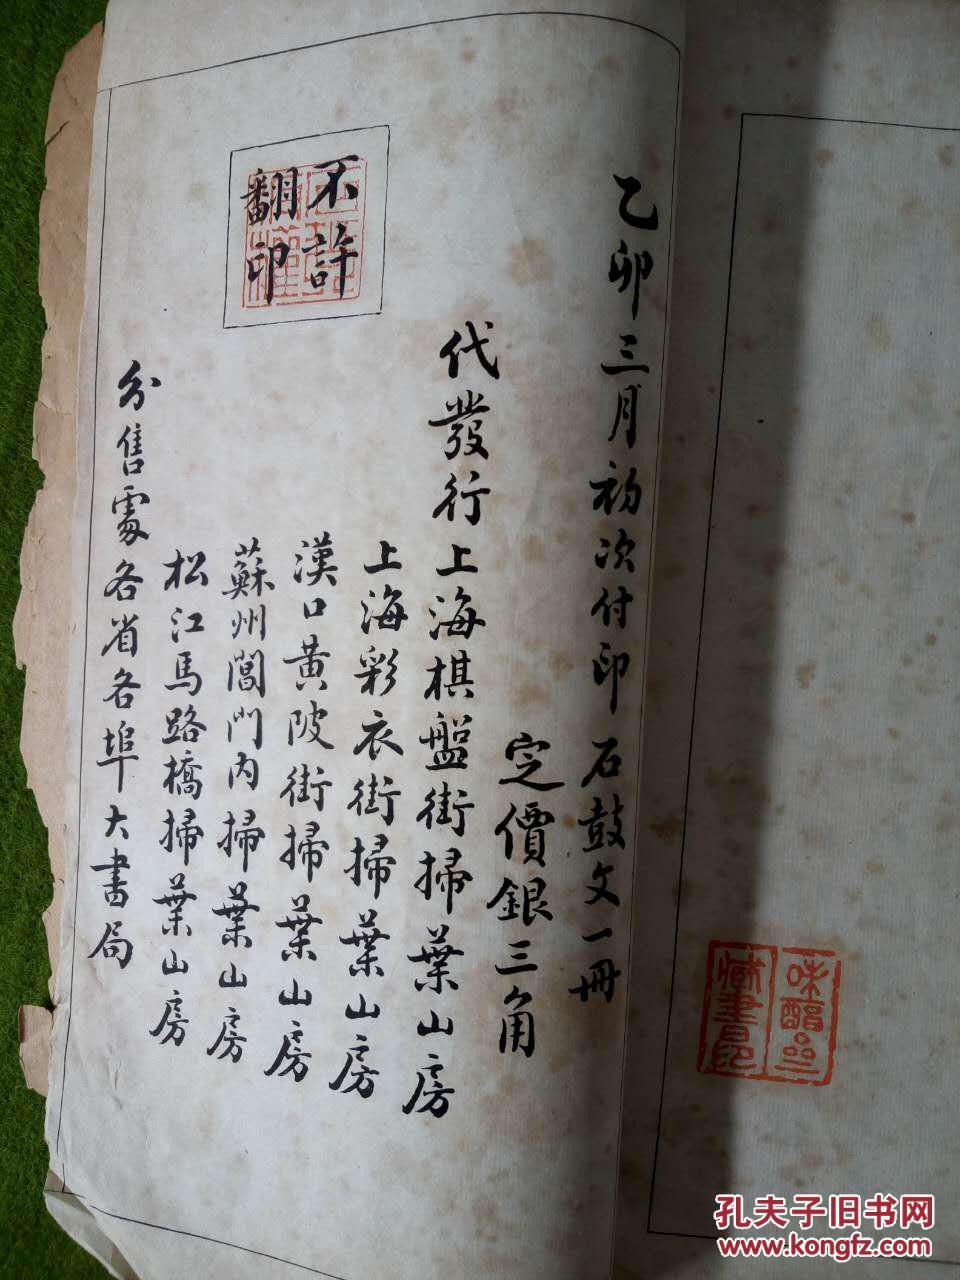 石鼓文-民国线装版(详情见图)